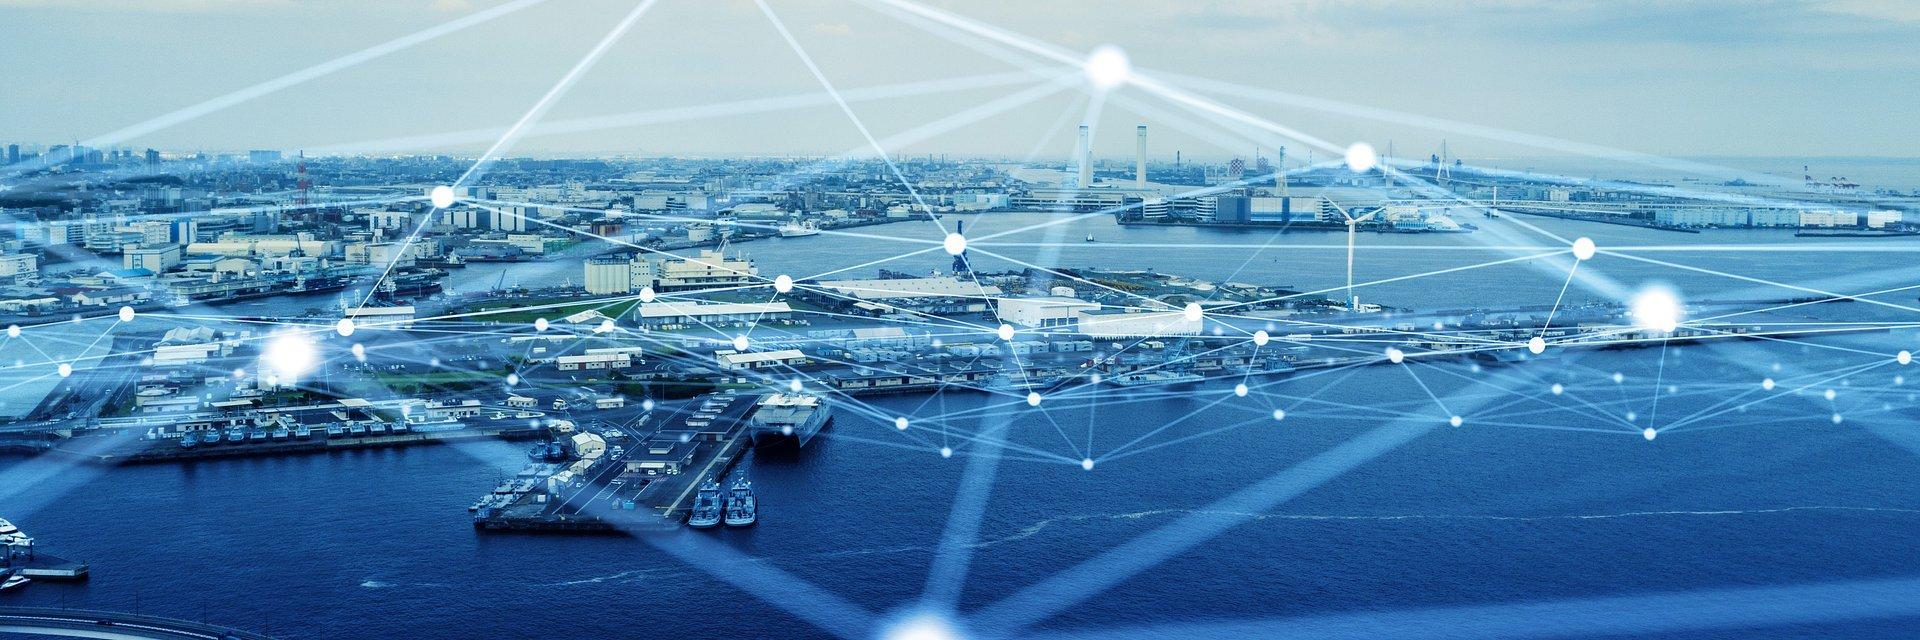 Fundusz Trójmorza inwestuje w przyszłość regionu